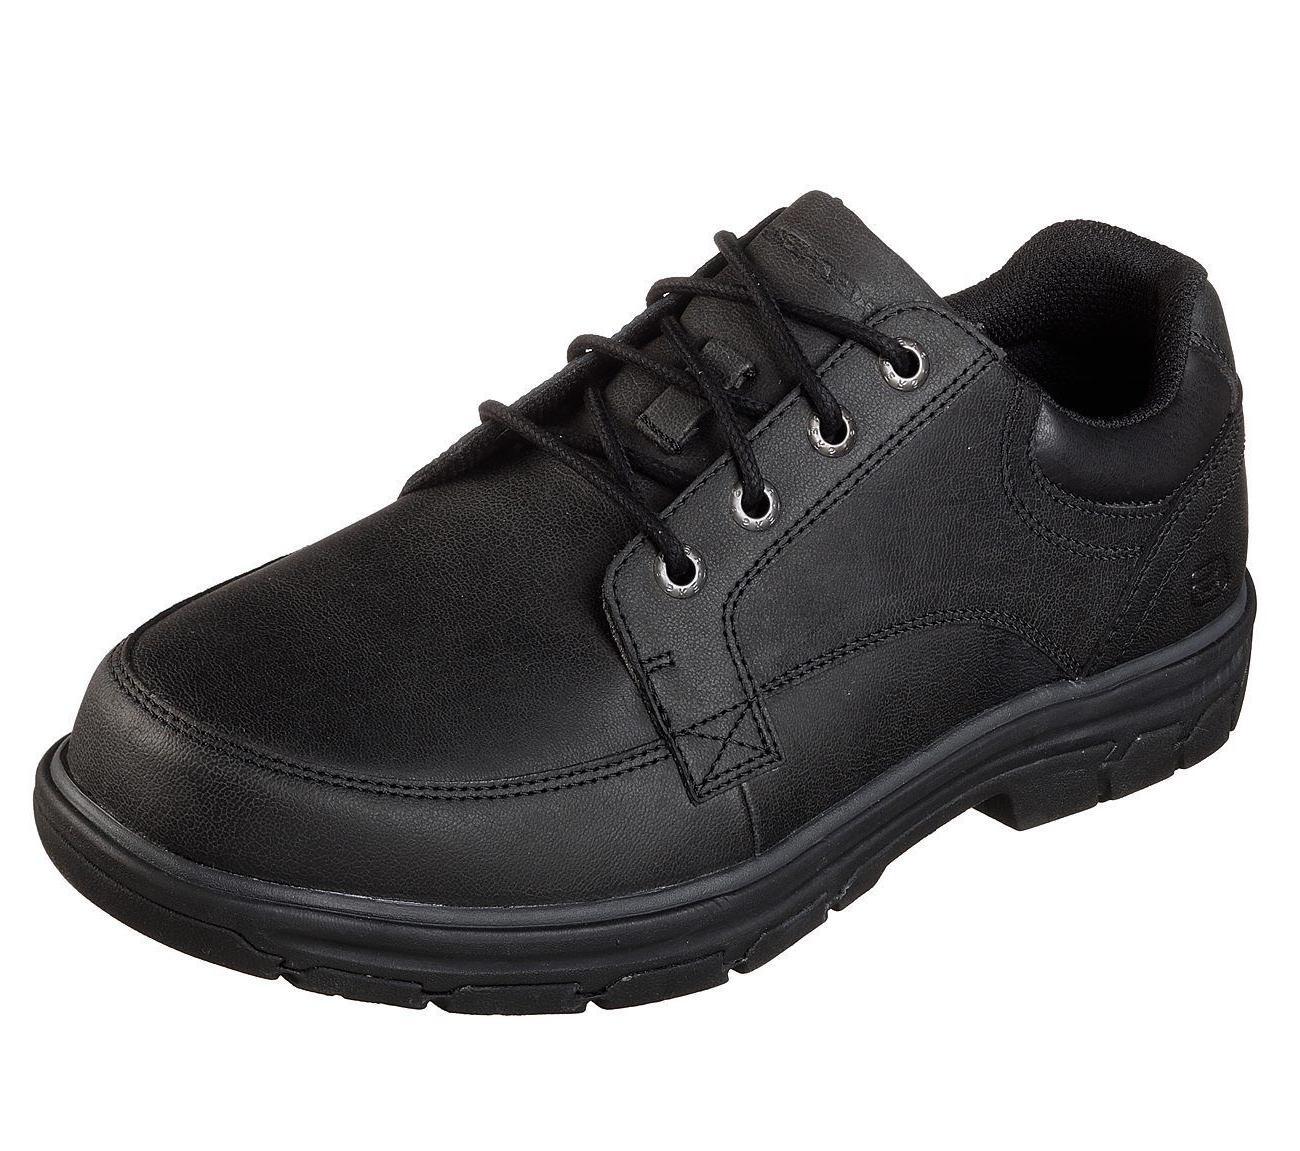 65567 black shoes men memory foam comfort